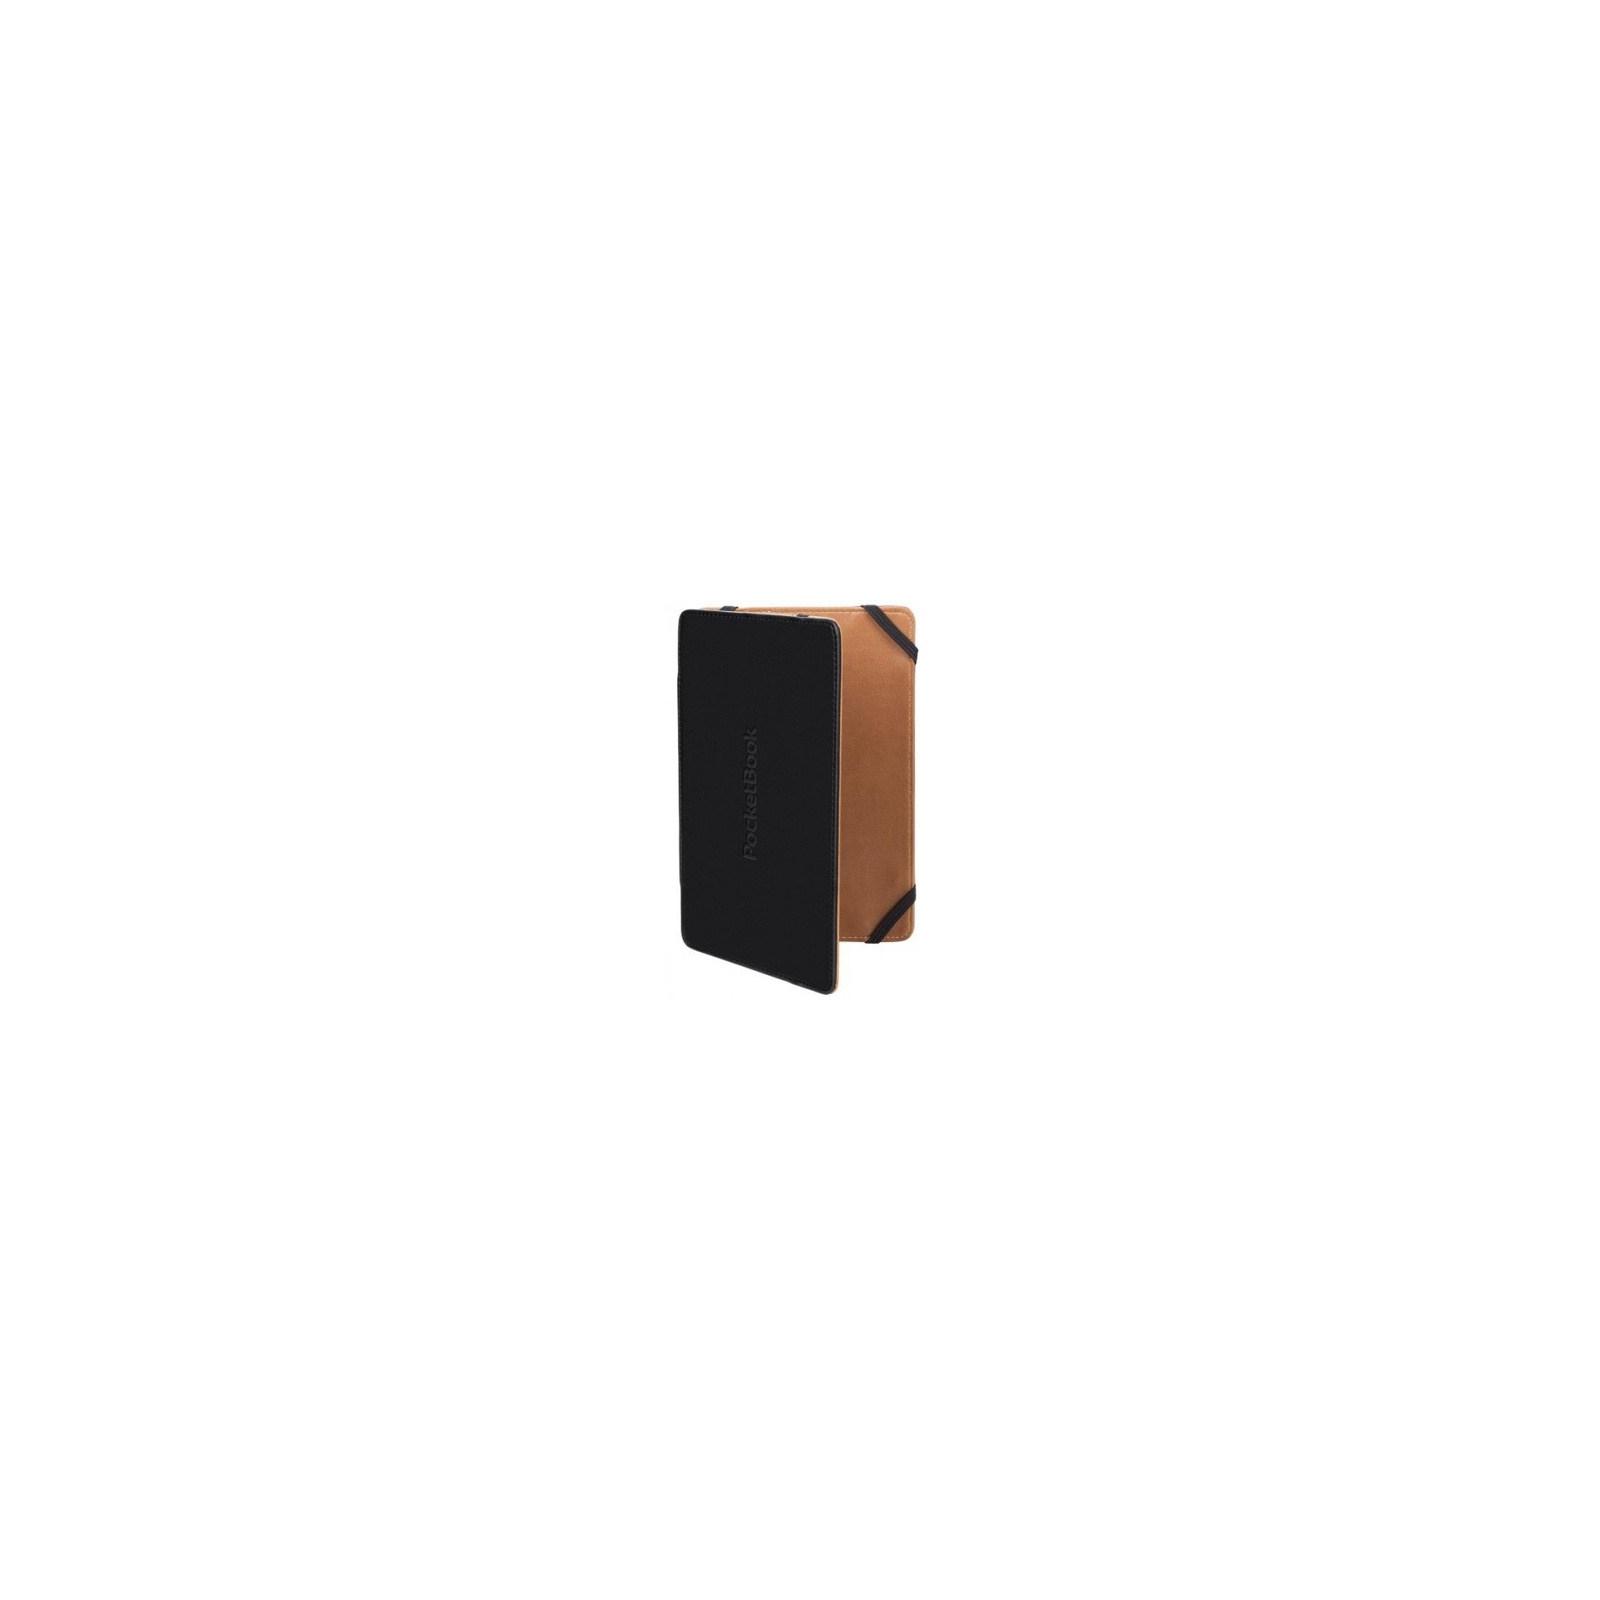 Чехол для электронной книги PocketBook для PB623/PB622 (PBPUC-623-BCBE-2S)